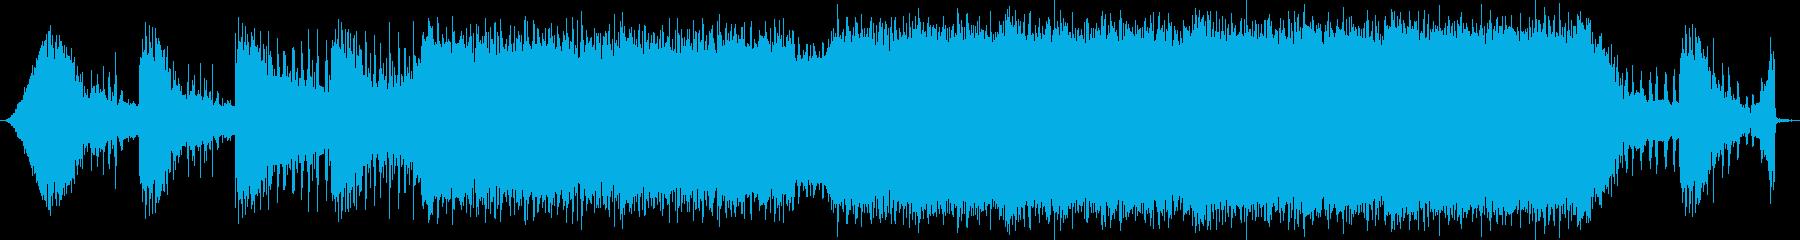 疾走感のある戦闘BGMの再生済みの波形